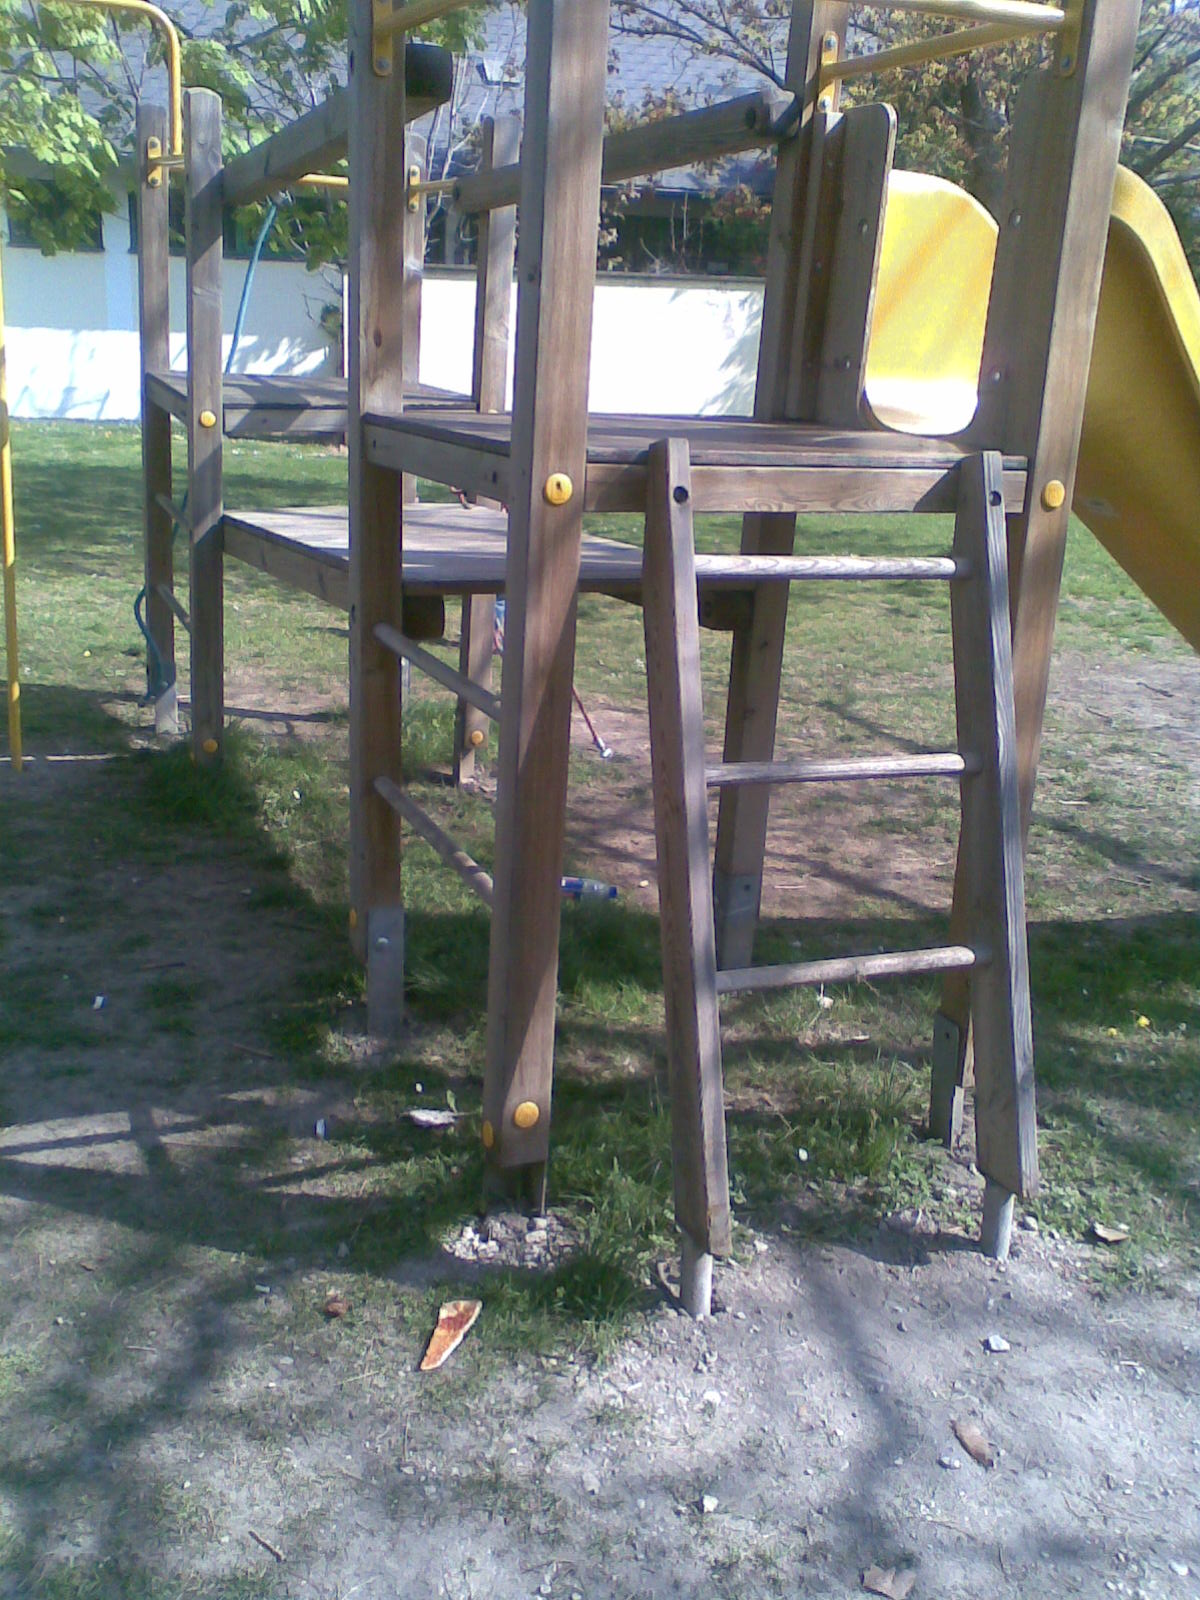 bild012_2010-04-25_10-10